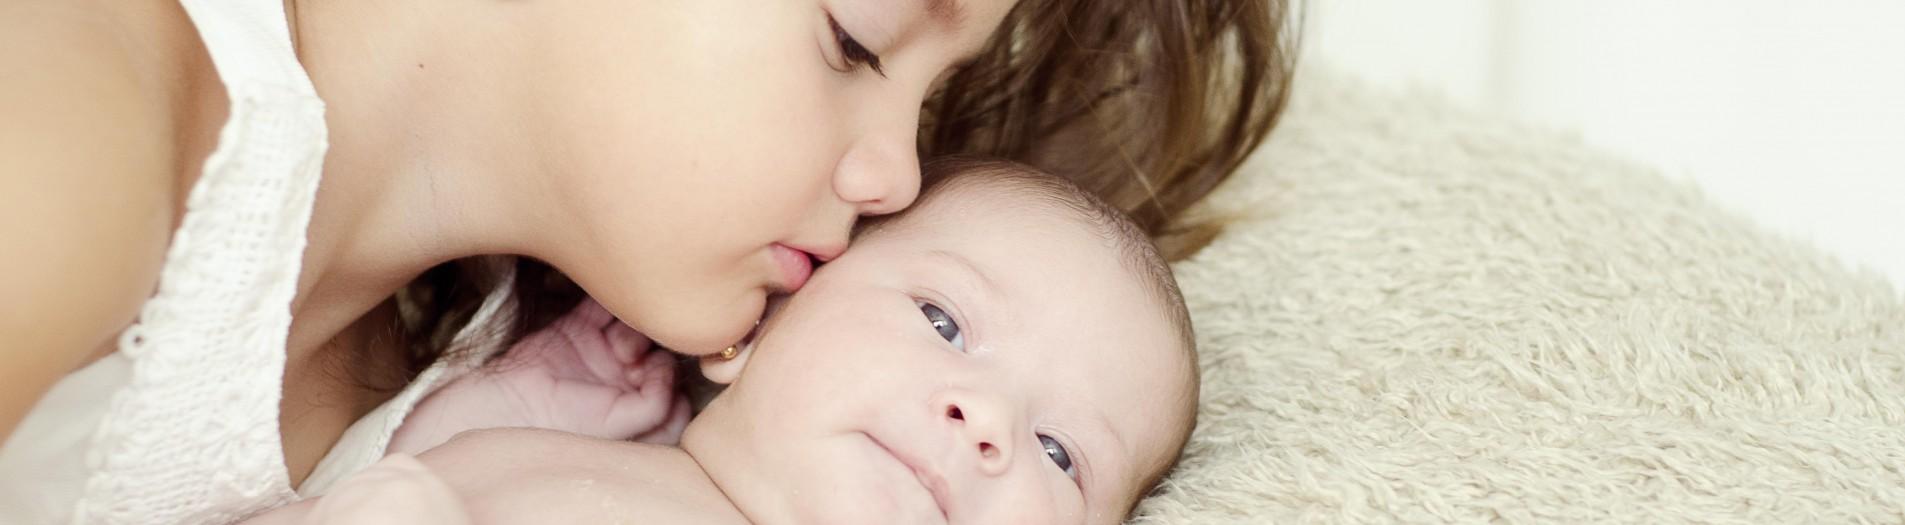 Galeria de Bebés